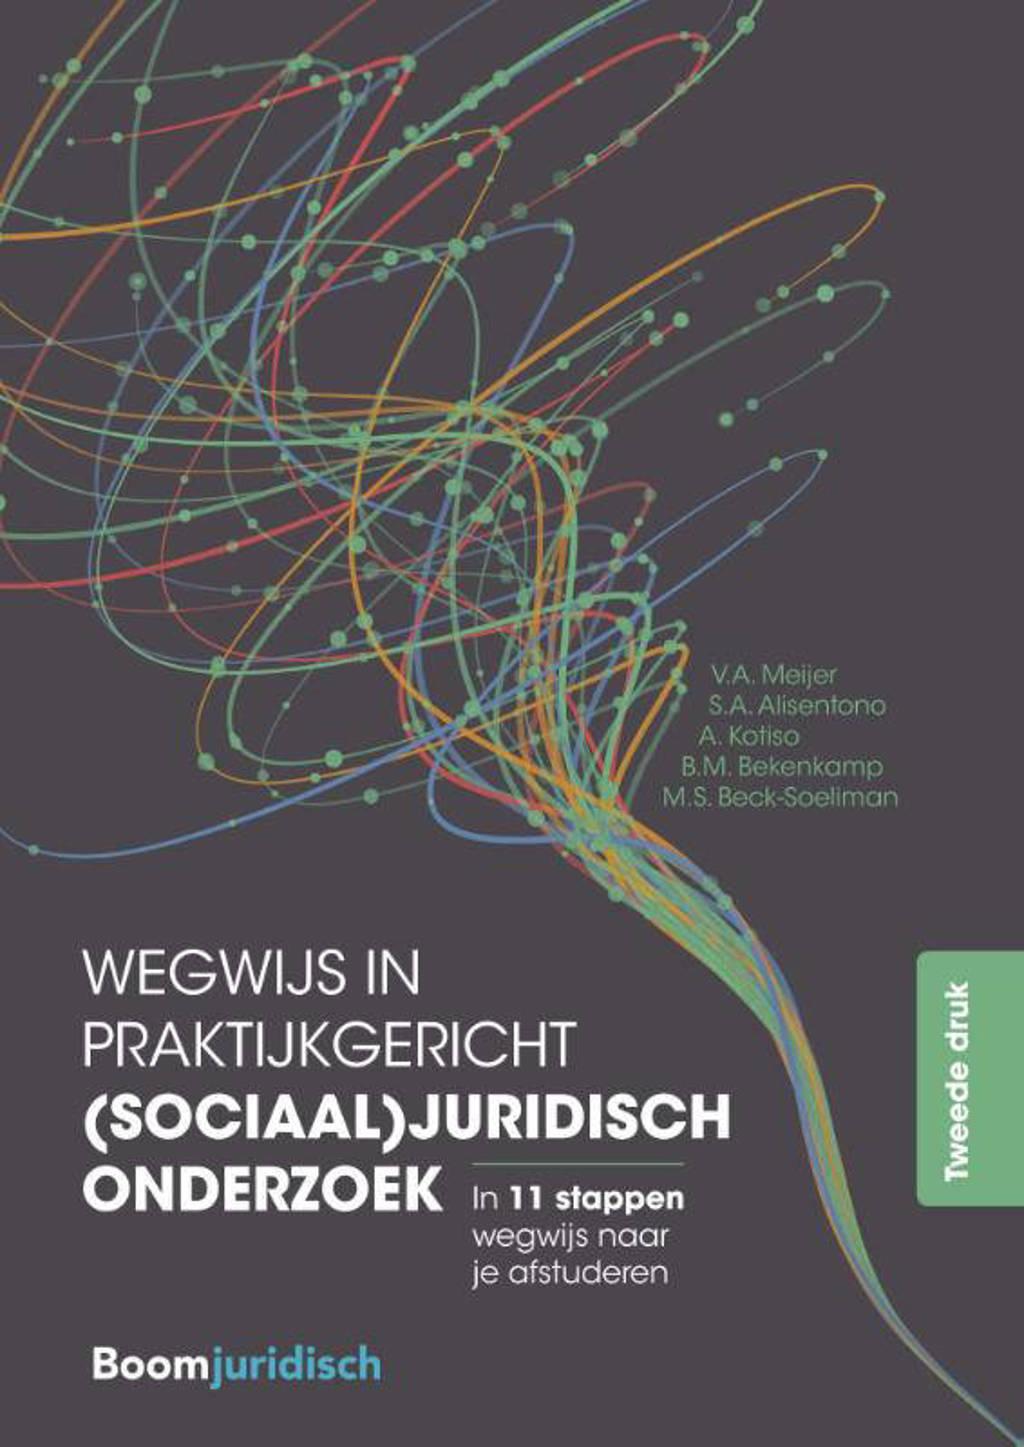 Wegwijs in praktijkgericht (sociaal)juridisch onderzoek - V.A. Meijer Meijer, S.A. Alisentono, A. Kotiso, e.a.